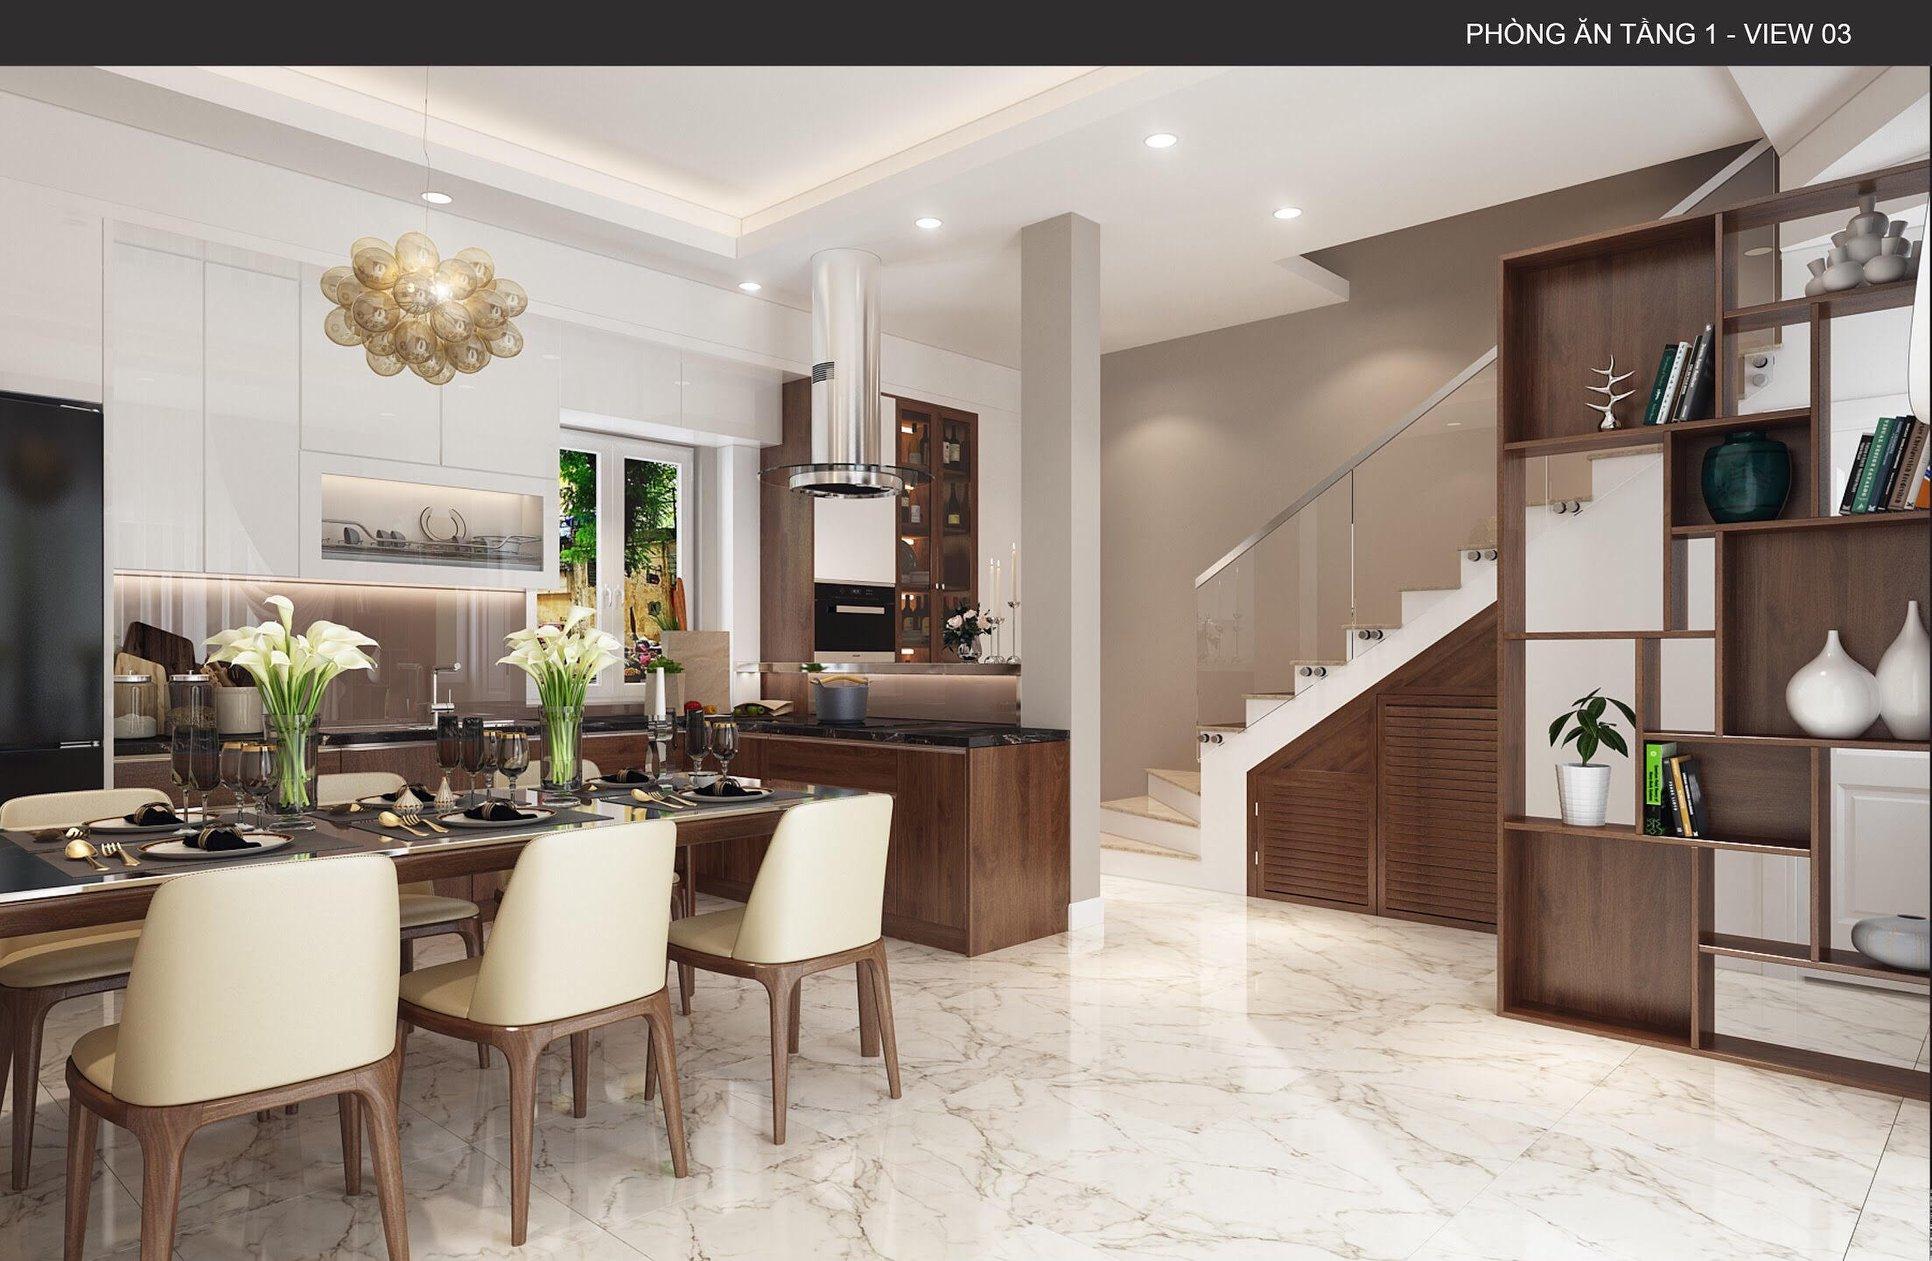 Thiết kế nội thất phòng bếp chung cư và những điều cần lưu ý